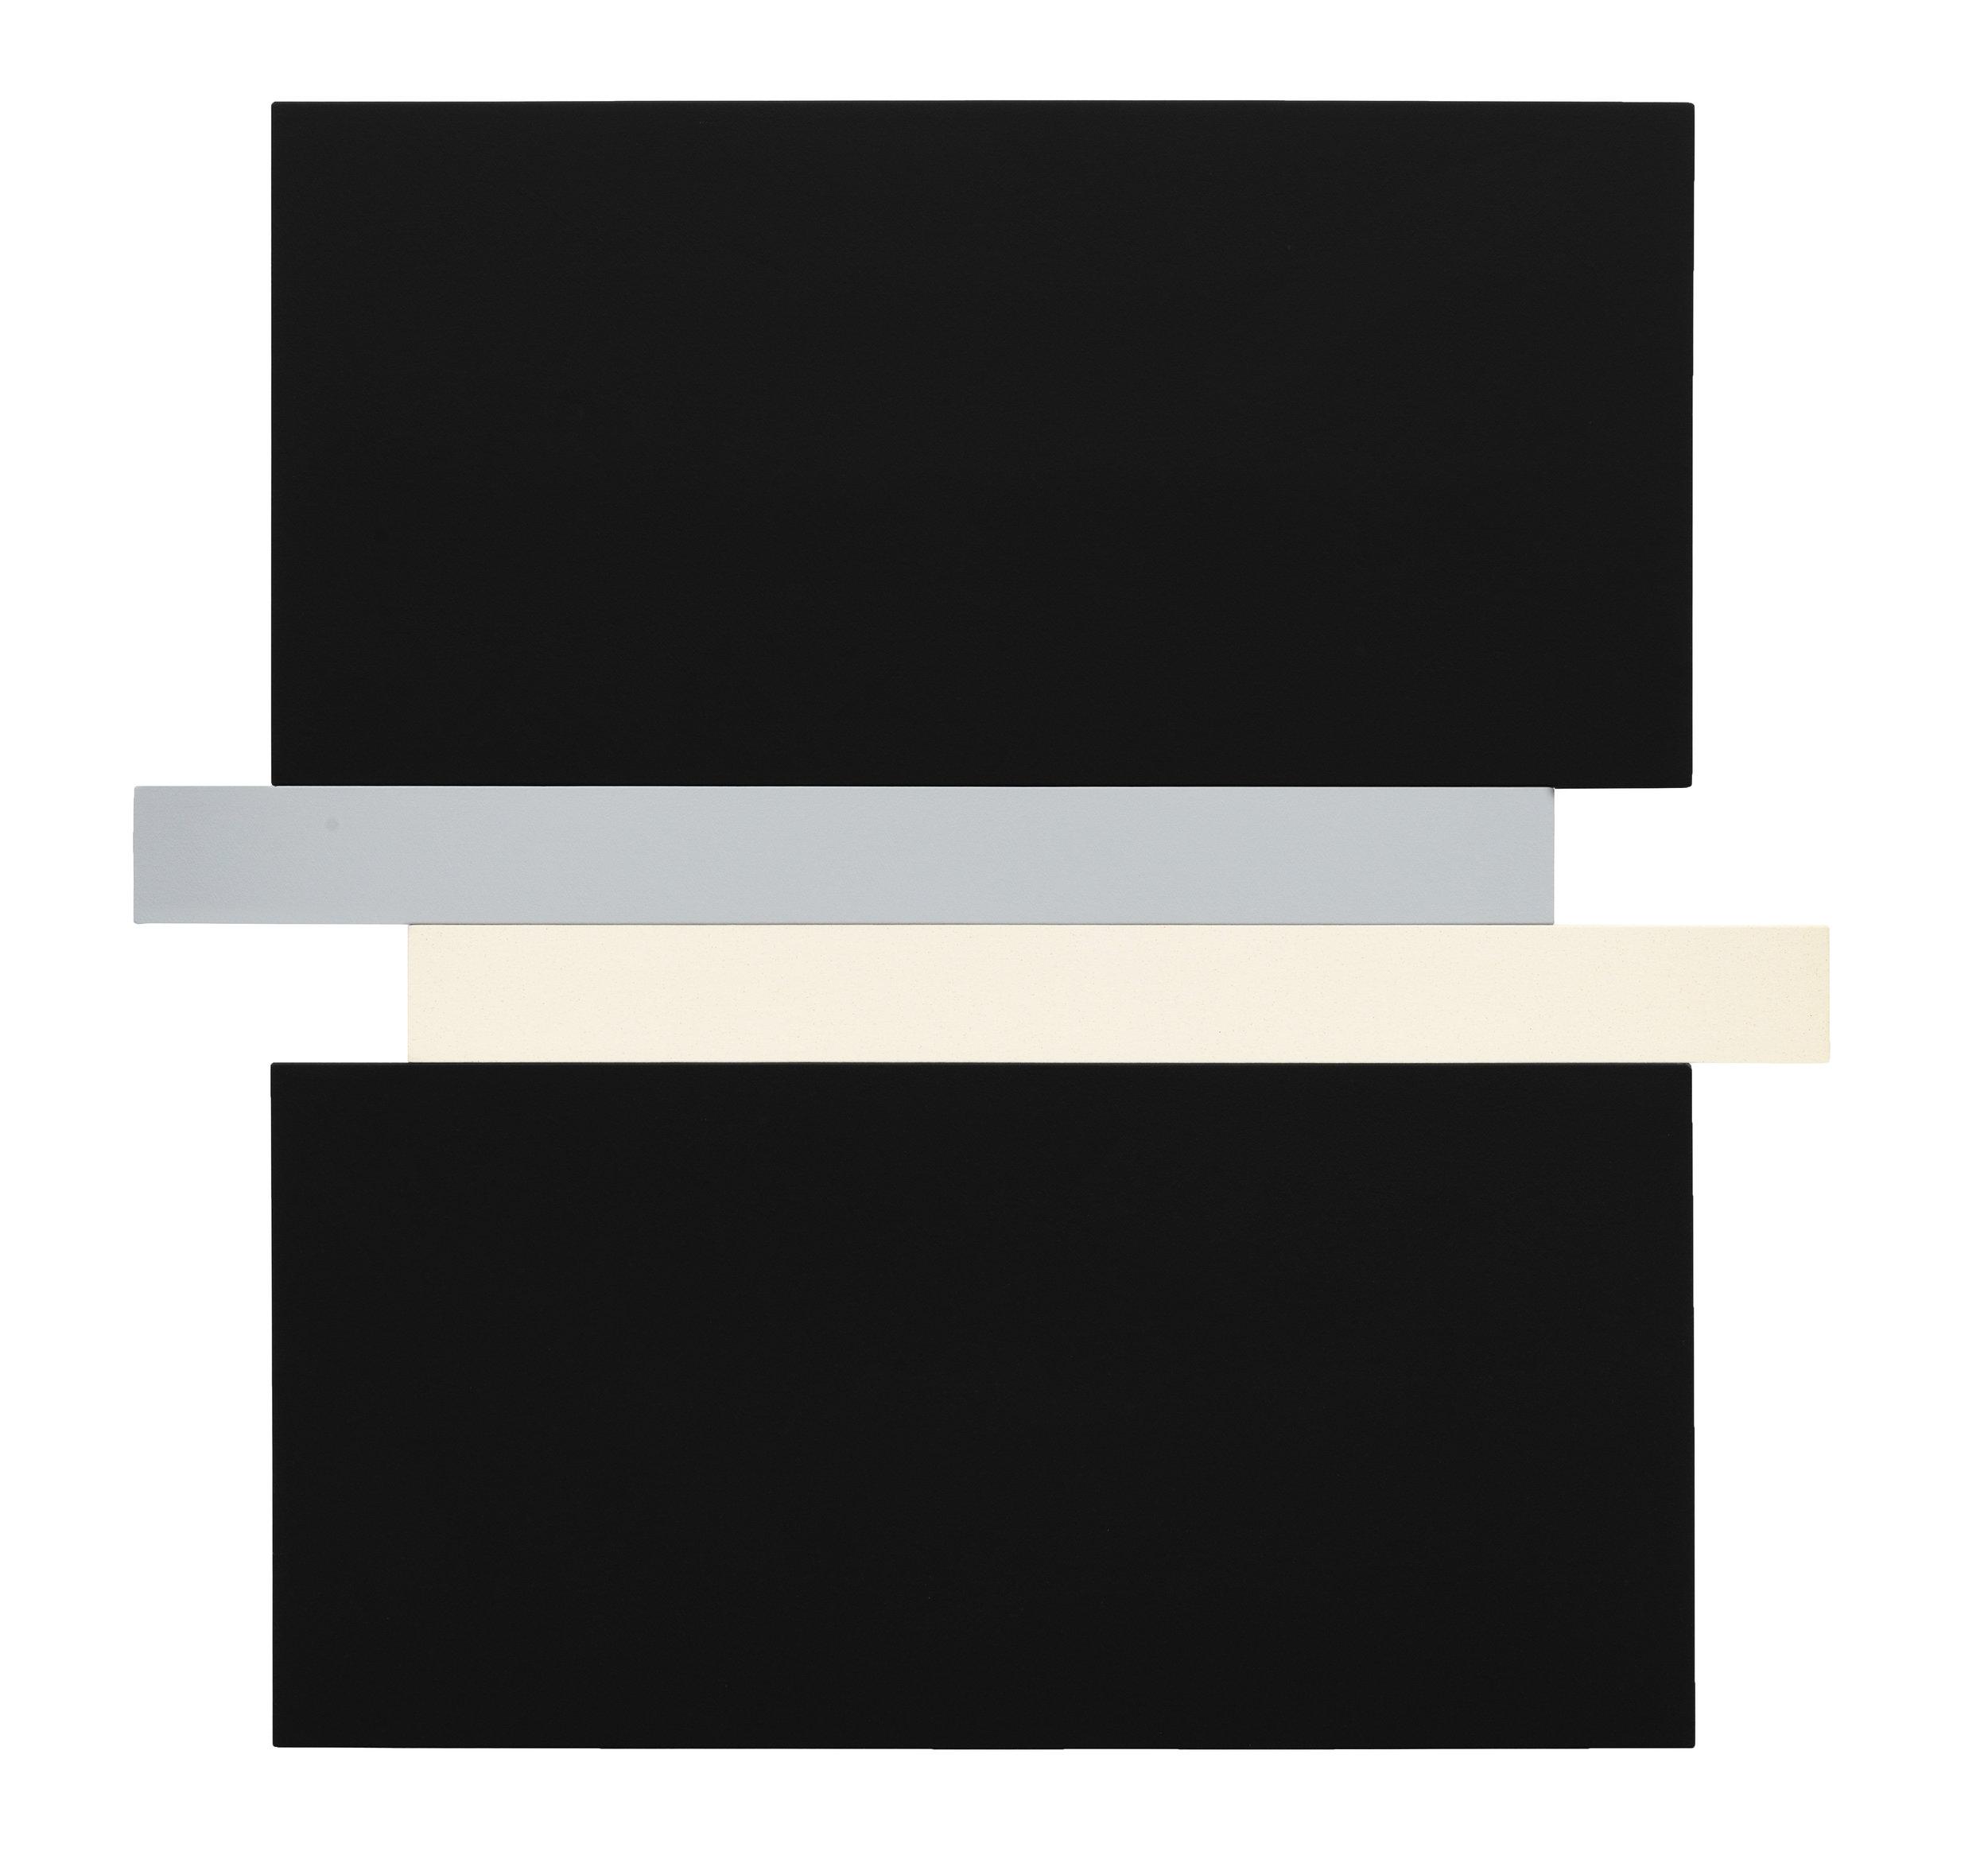 COMPRESSION - BLACK, GREY, CANVAS